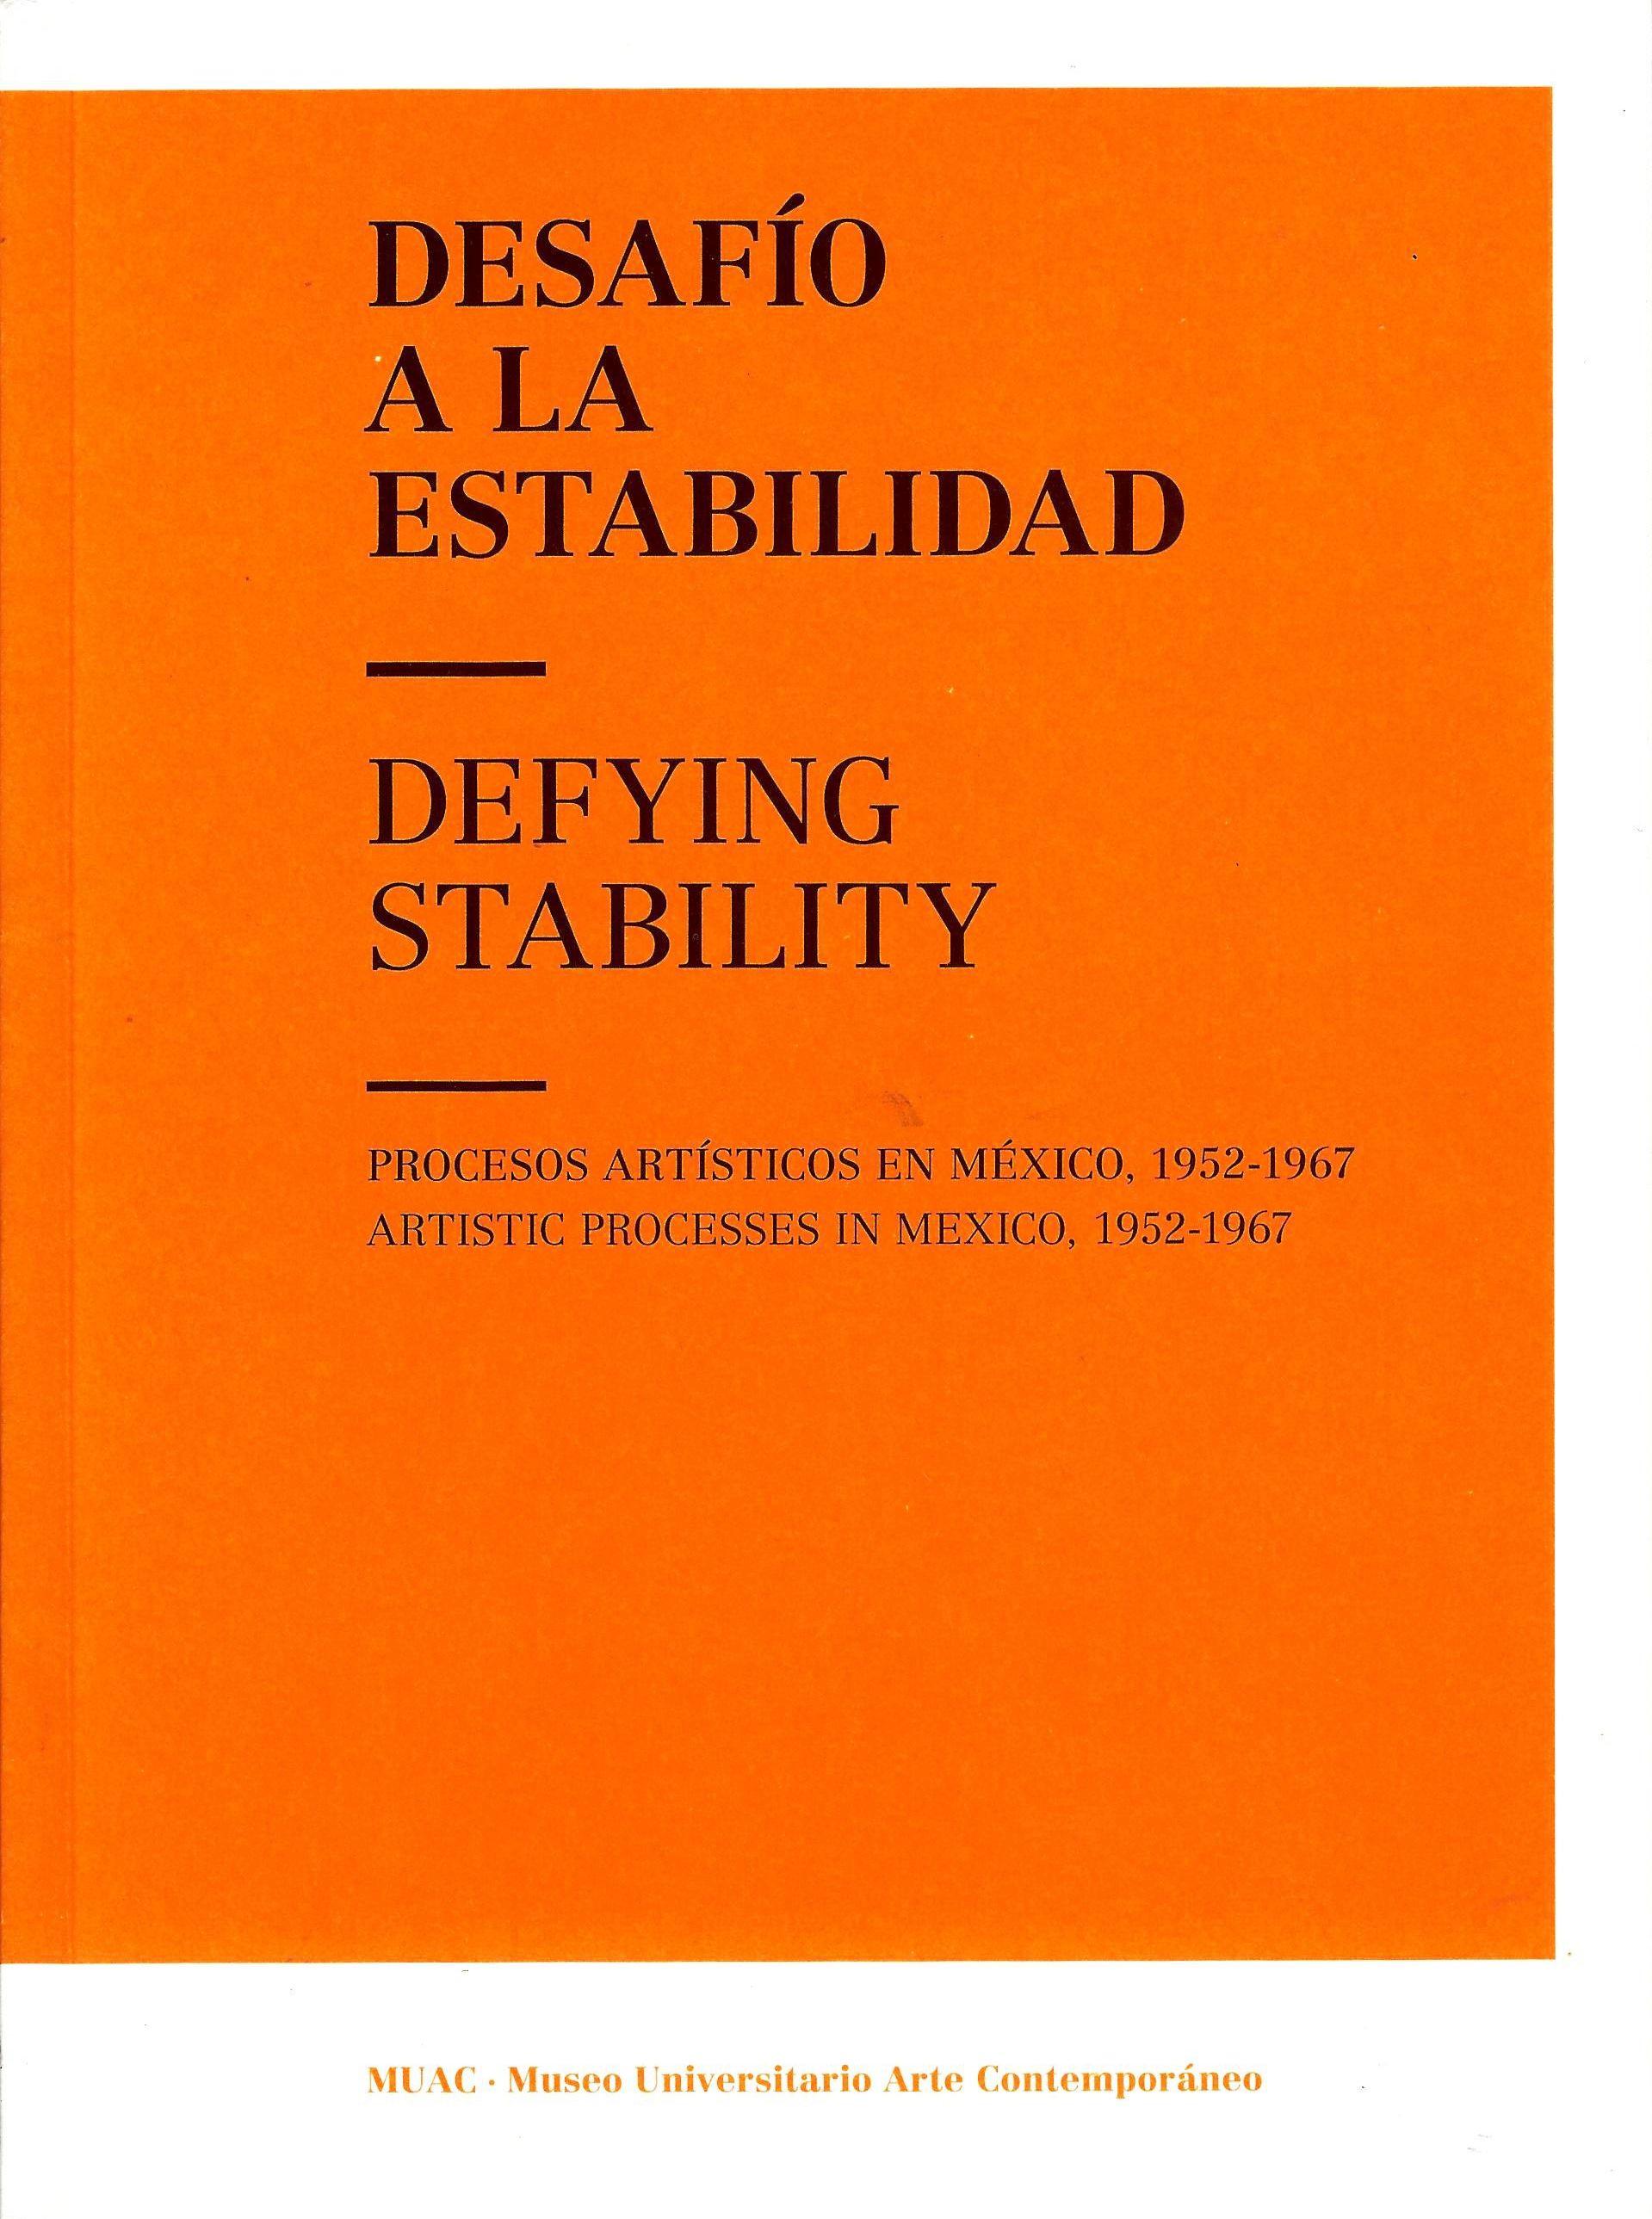 Desafío a la estabilidad. Procesos artísticos en México, 1952-1967/ Defying Stability. Artistic Processes in Mexico